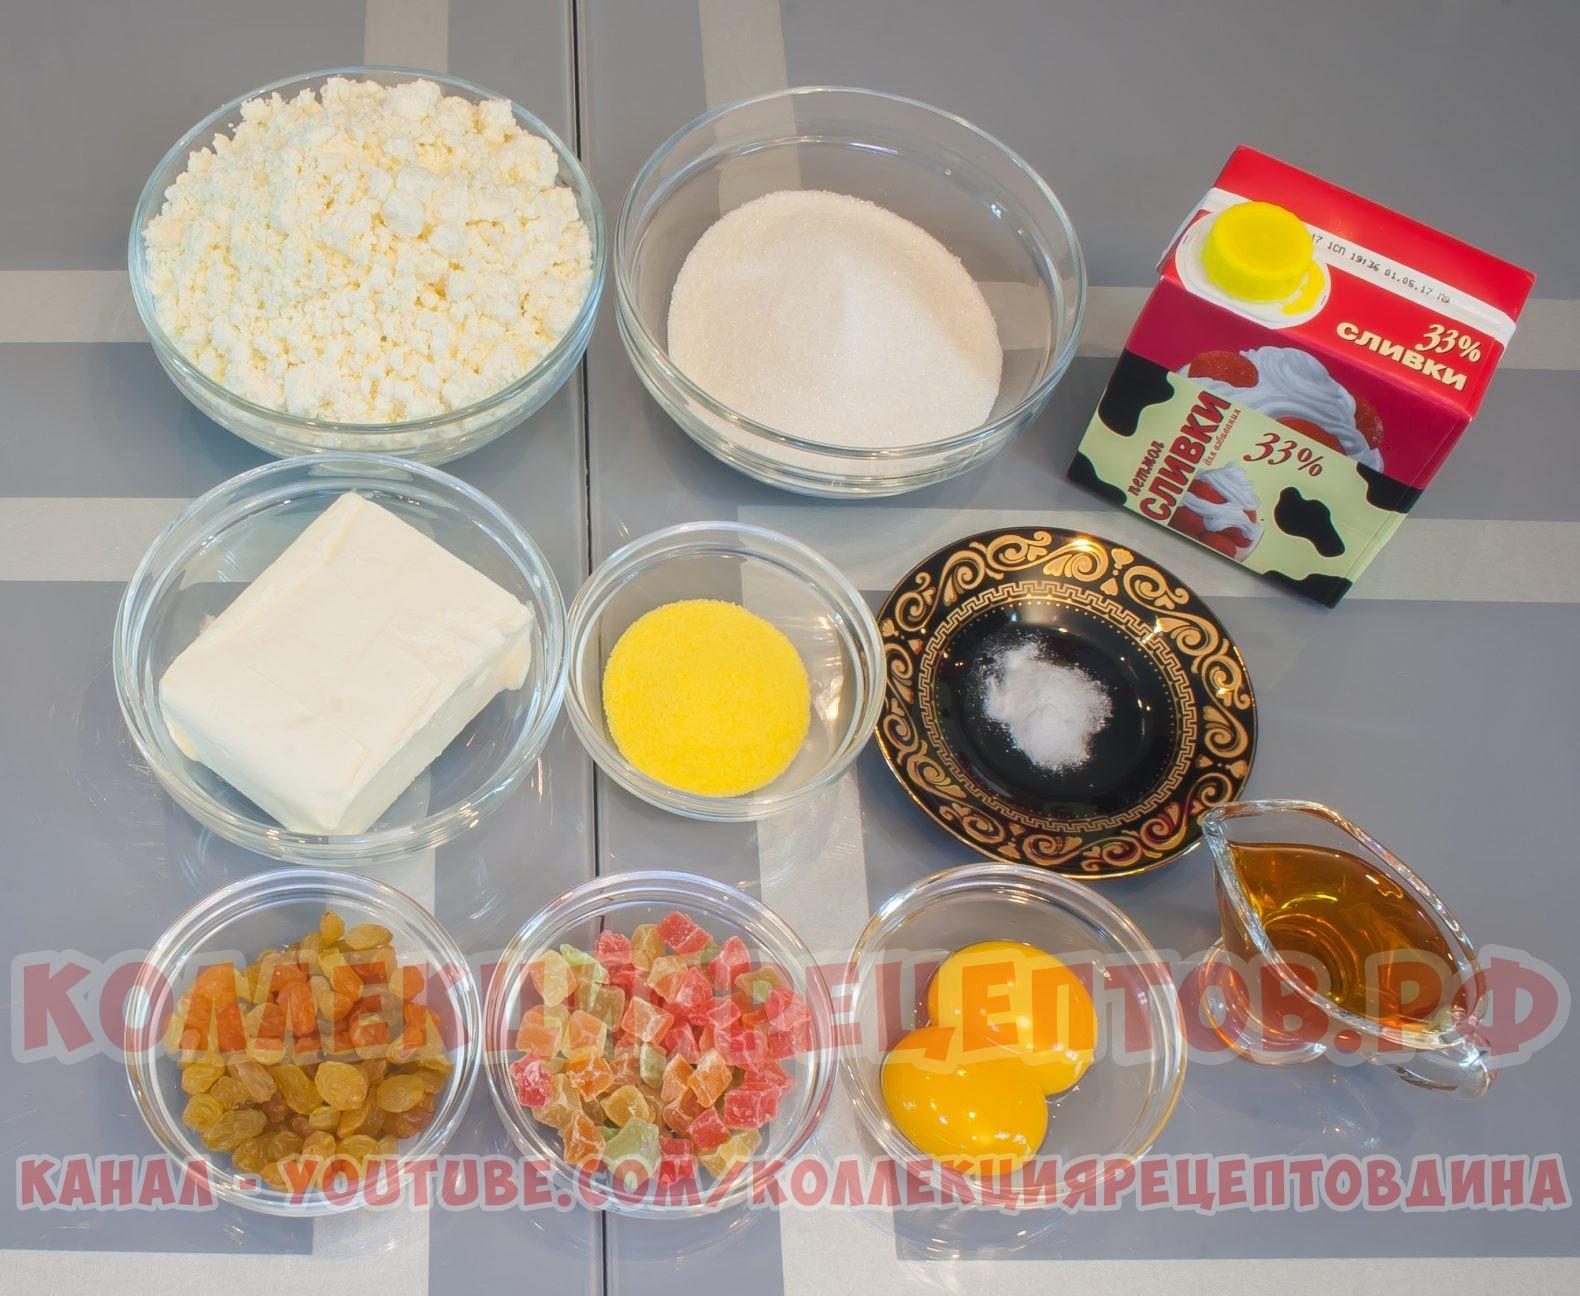 пасха рецепт с фото, рецепт вкусной пасхи - Коллекция Рецептов